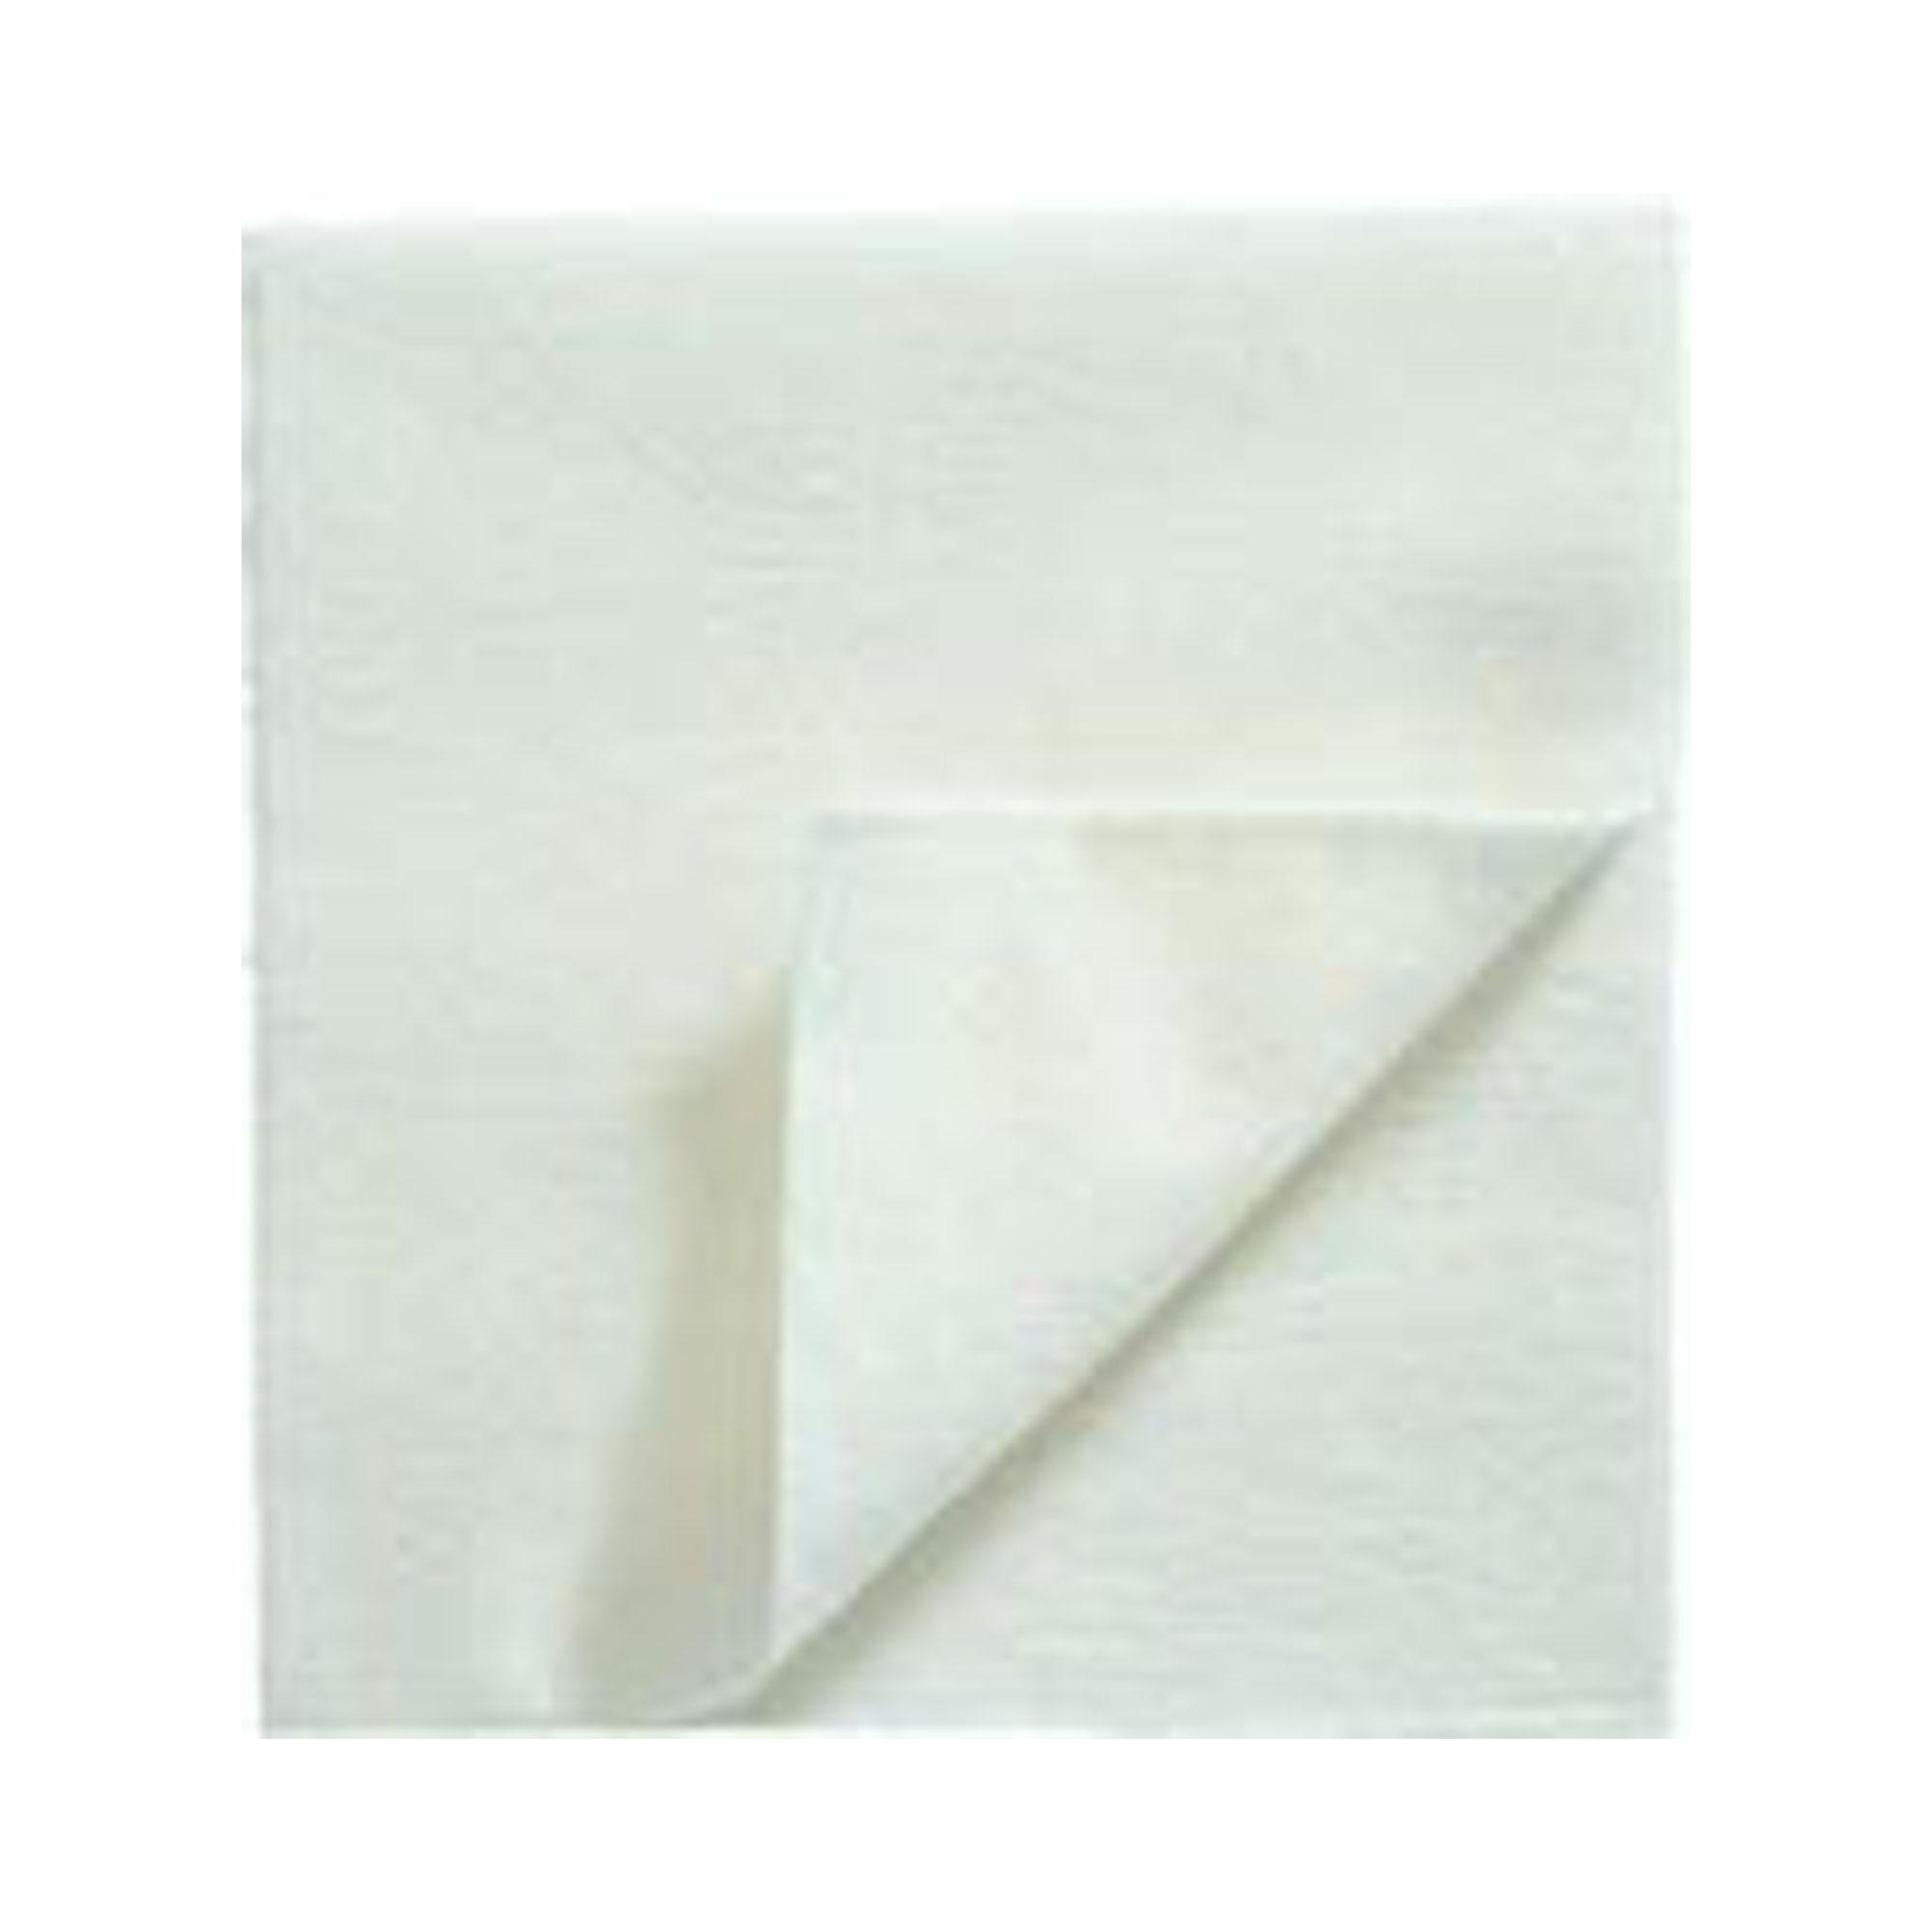 Molnlycke Mesalt 4 inch X 4 inch Dressing (2 inch X 2 inch Folded) 30/bx 285580